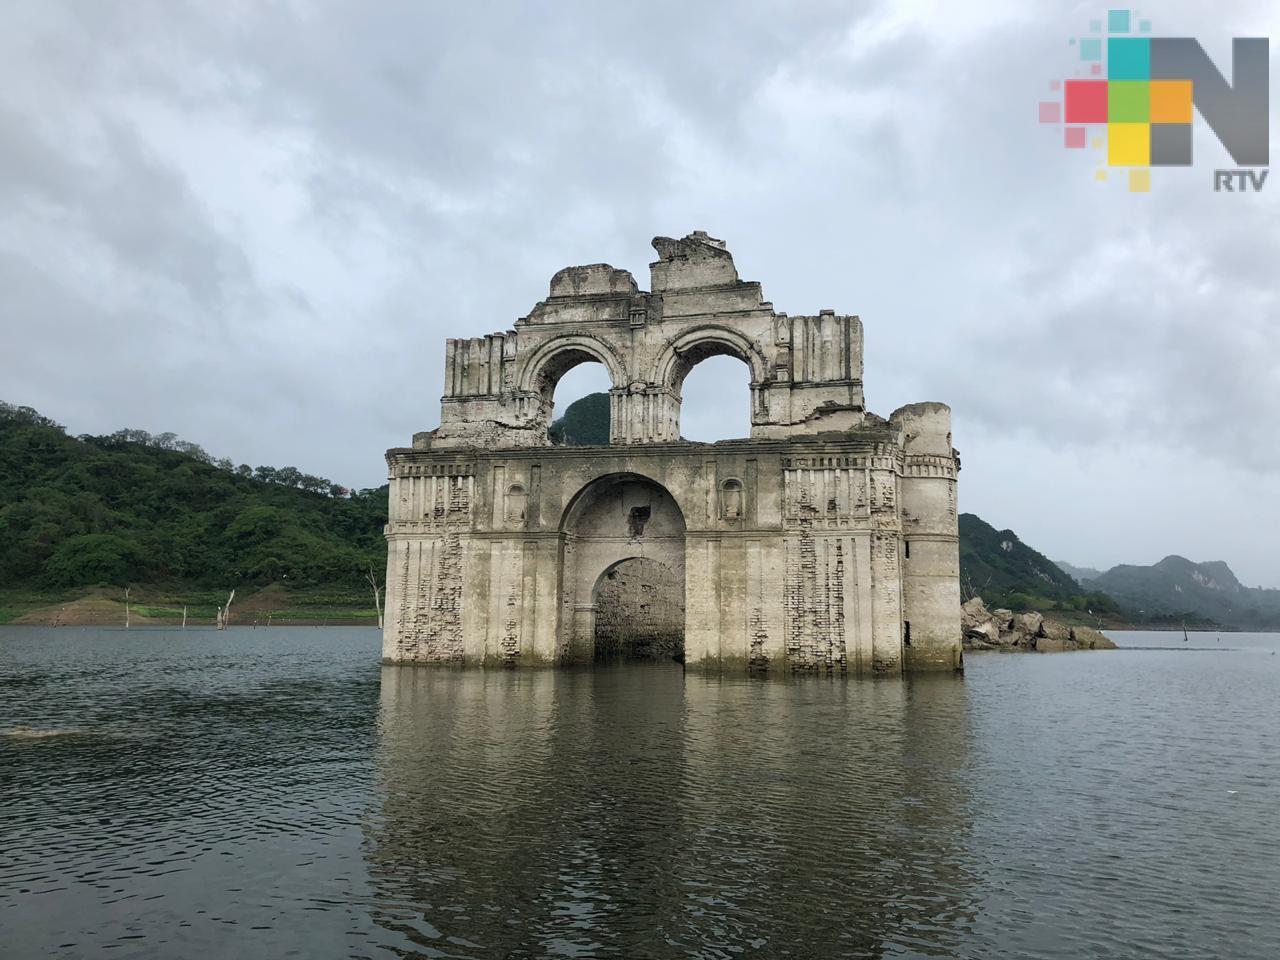 Sequía descubre iglesia dominica en medio del Río Grijalva, en Chiapas